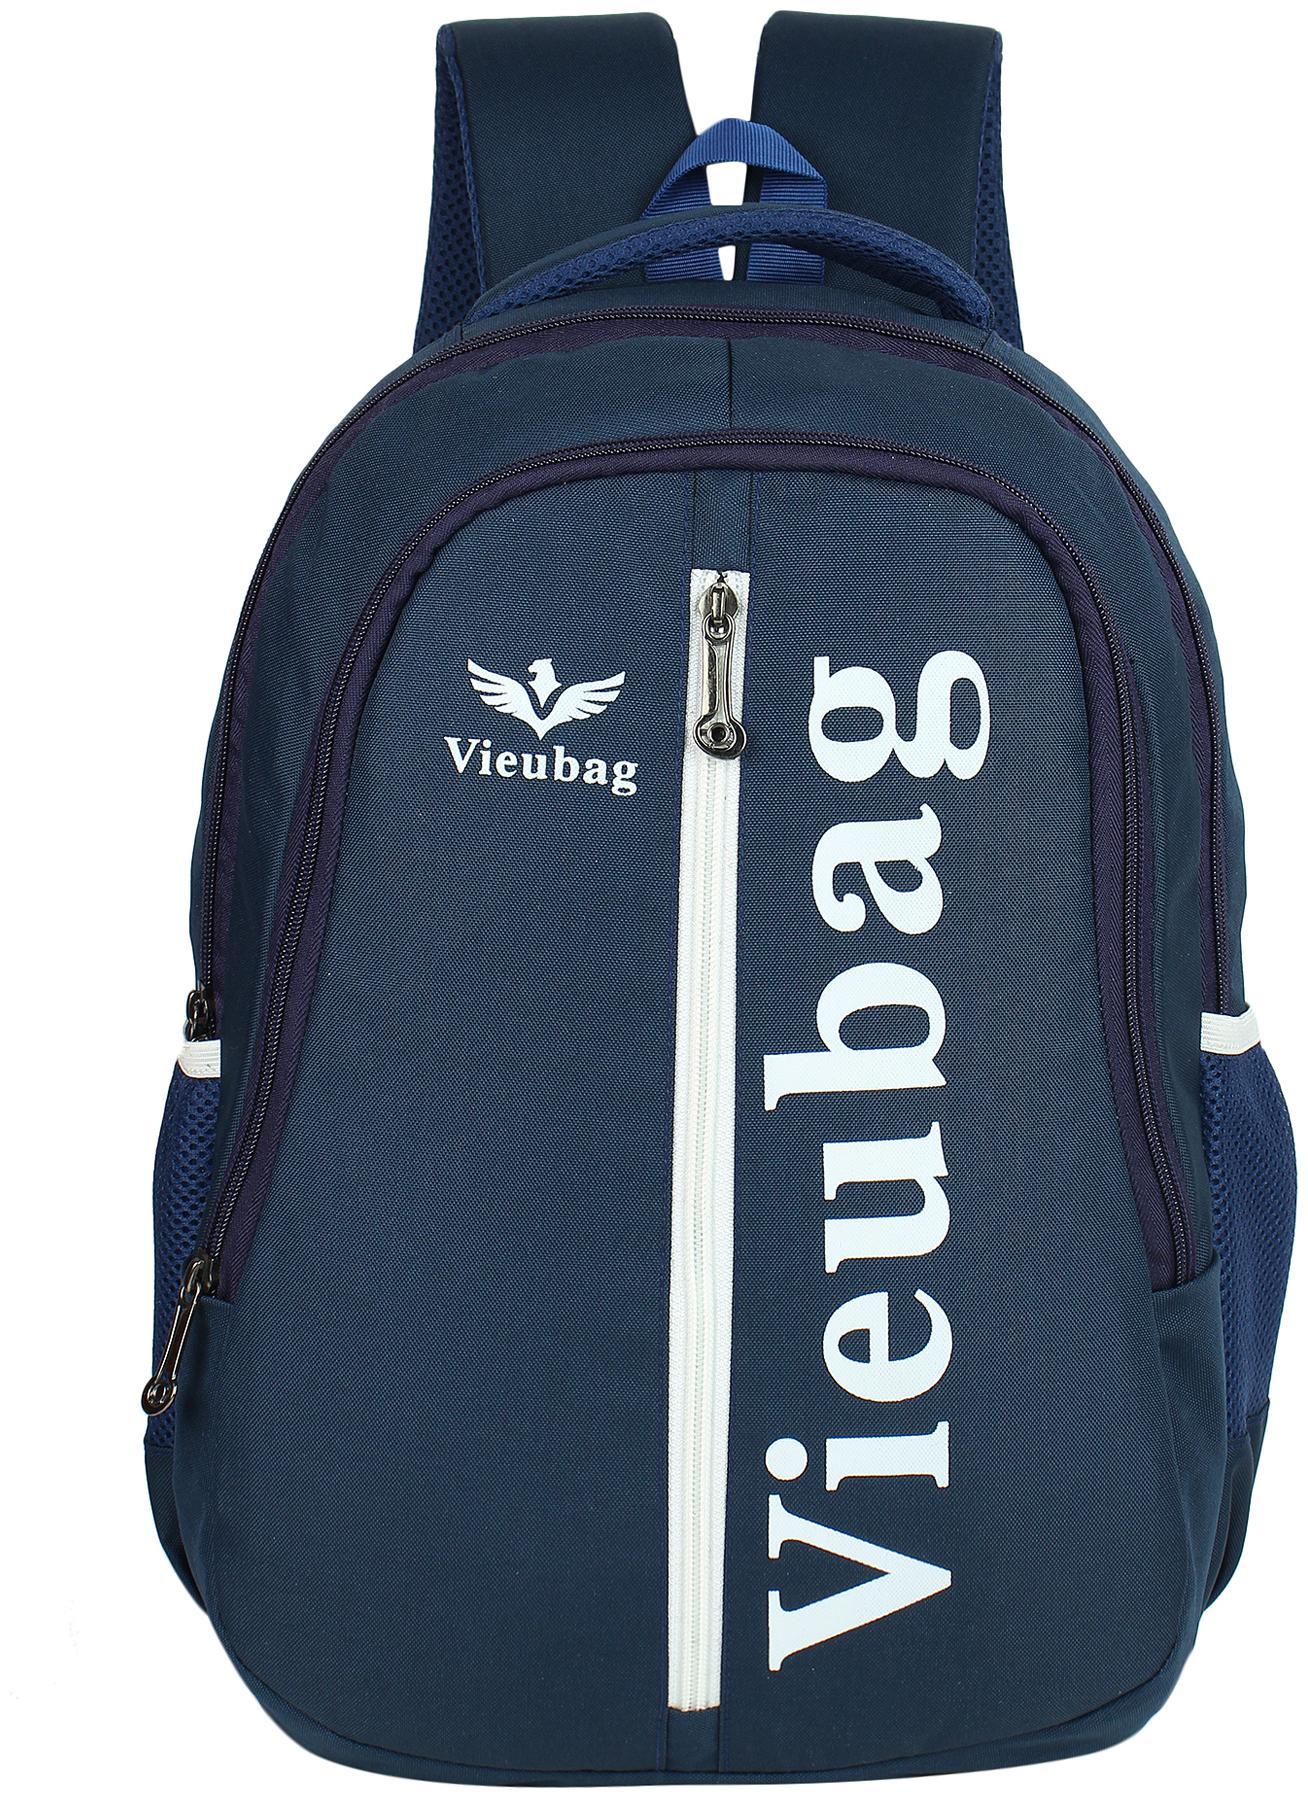 Vieubag VINT I 23 Waterproof Laptop Backpack